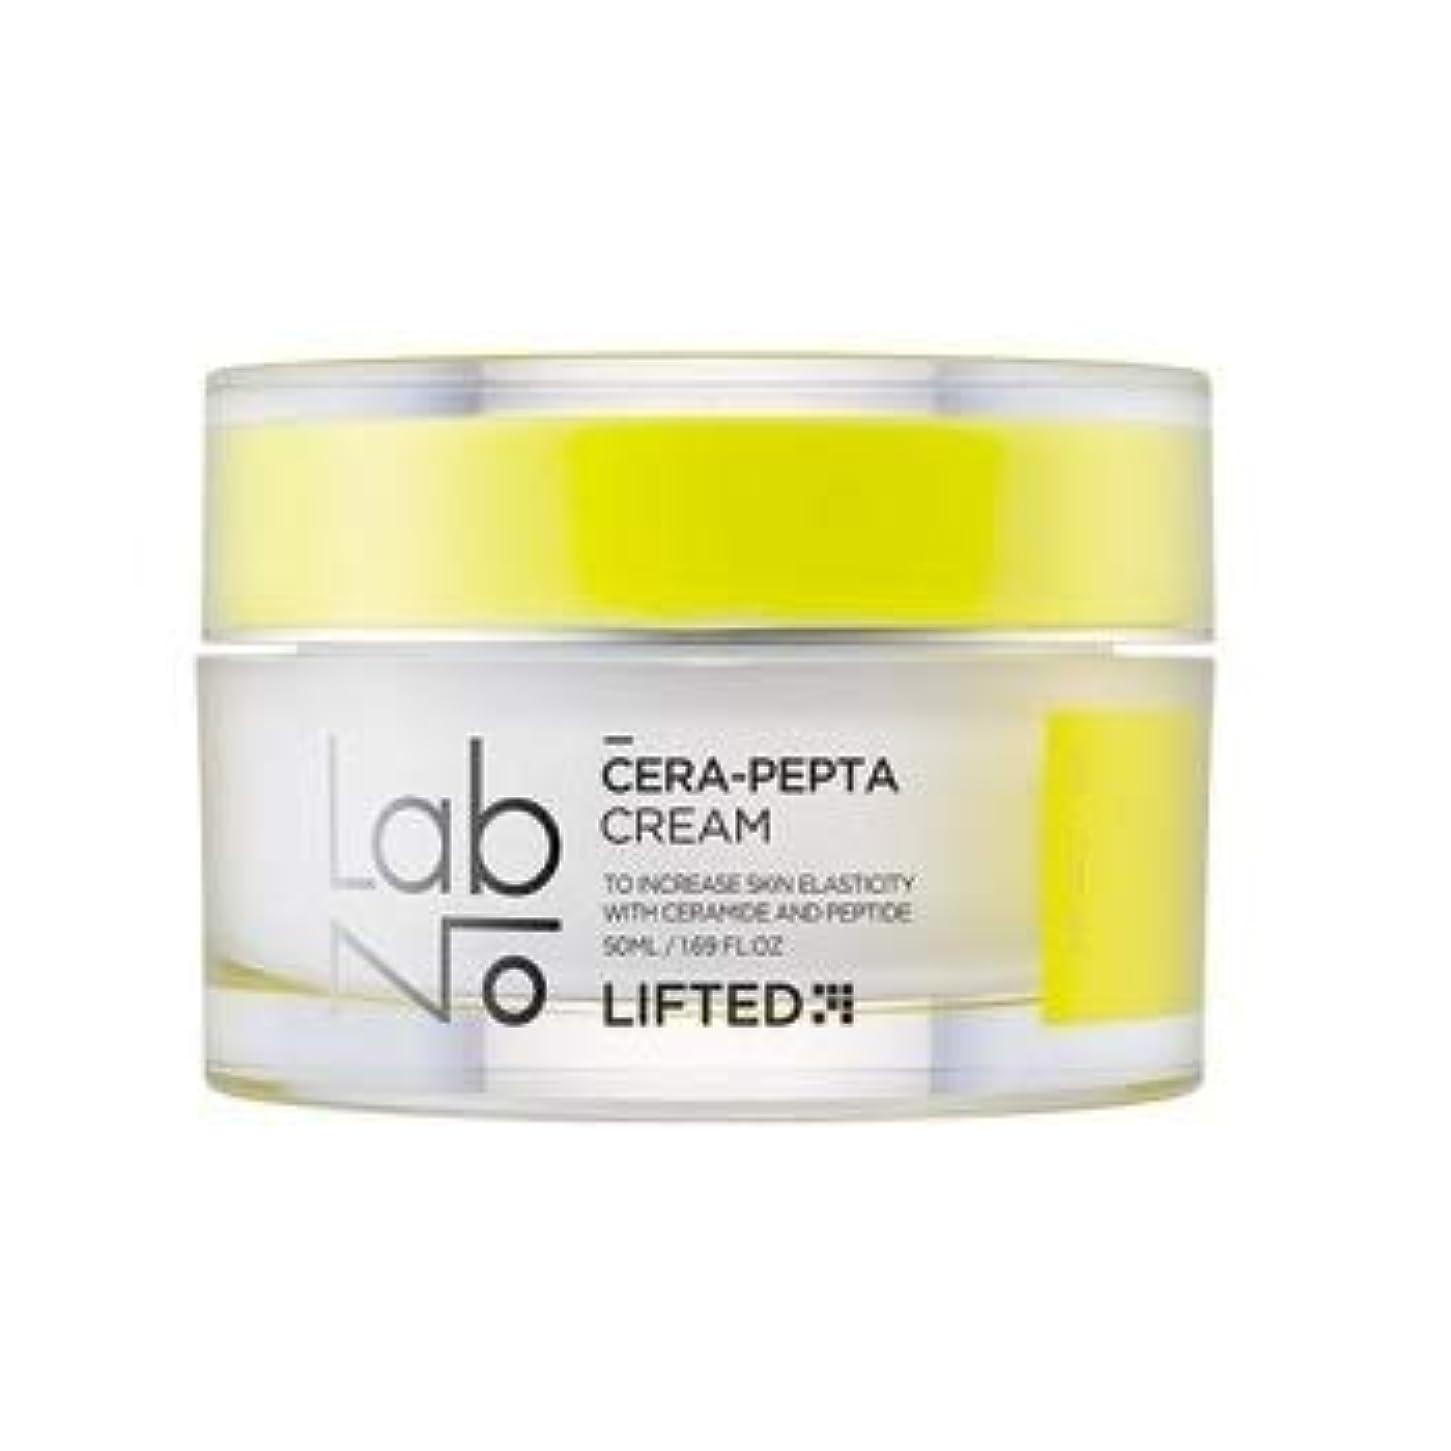 つま先過ち好戦的なLabNo リフテッド セラ-ペプタ クリーム / Lifted Sera-Pepta Cream (50ml) [並行輸入品]